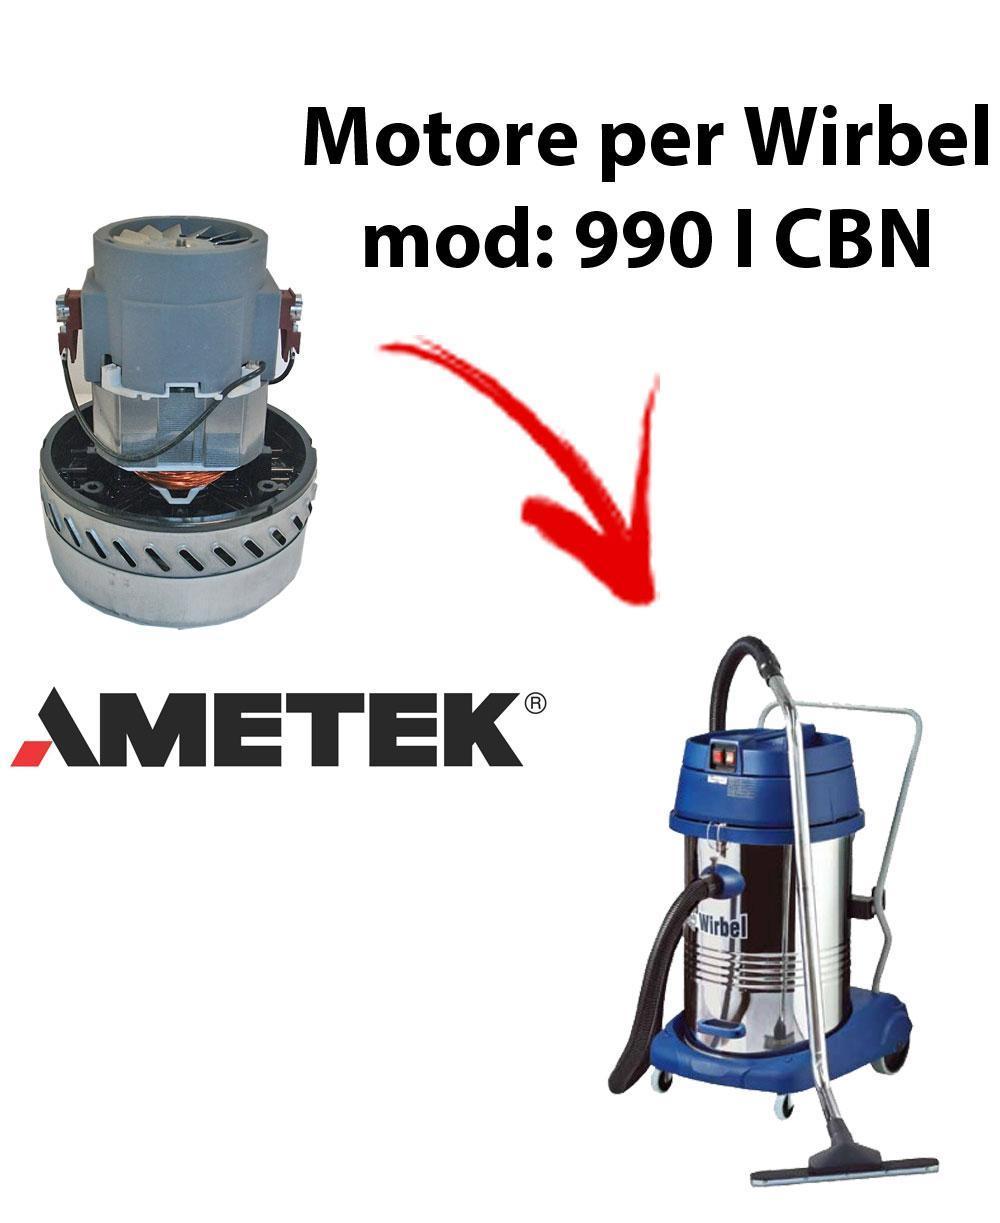 990 IK CBN Saugmotor AMETEK für Staubsauger und Trockensauger WIRBEL